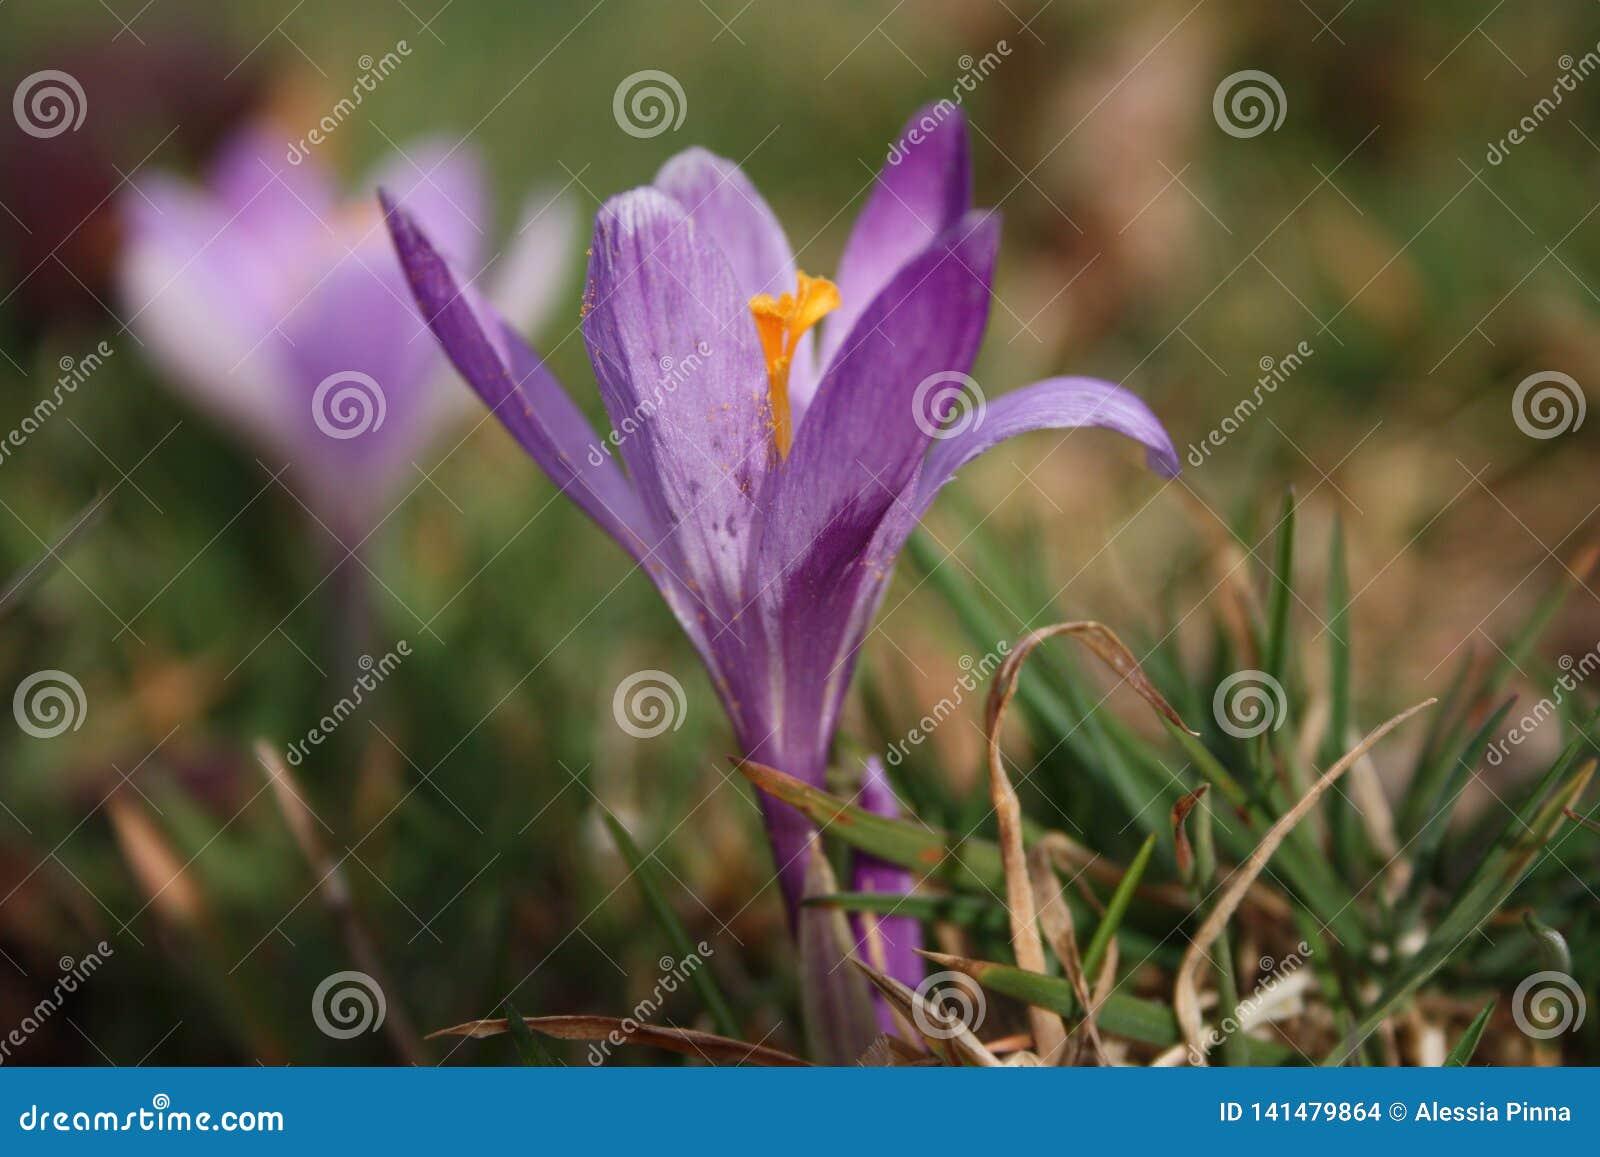 Primeiros frutos das flores A mola está vindo aqui as primeiras plantas da flor de março, a boa estação chegam